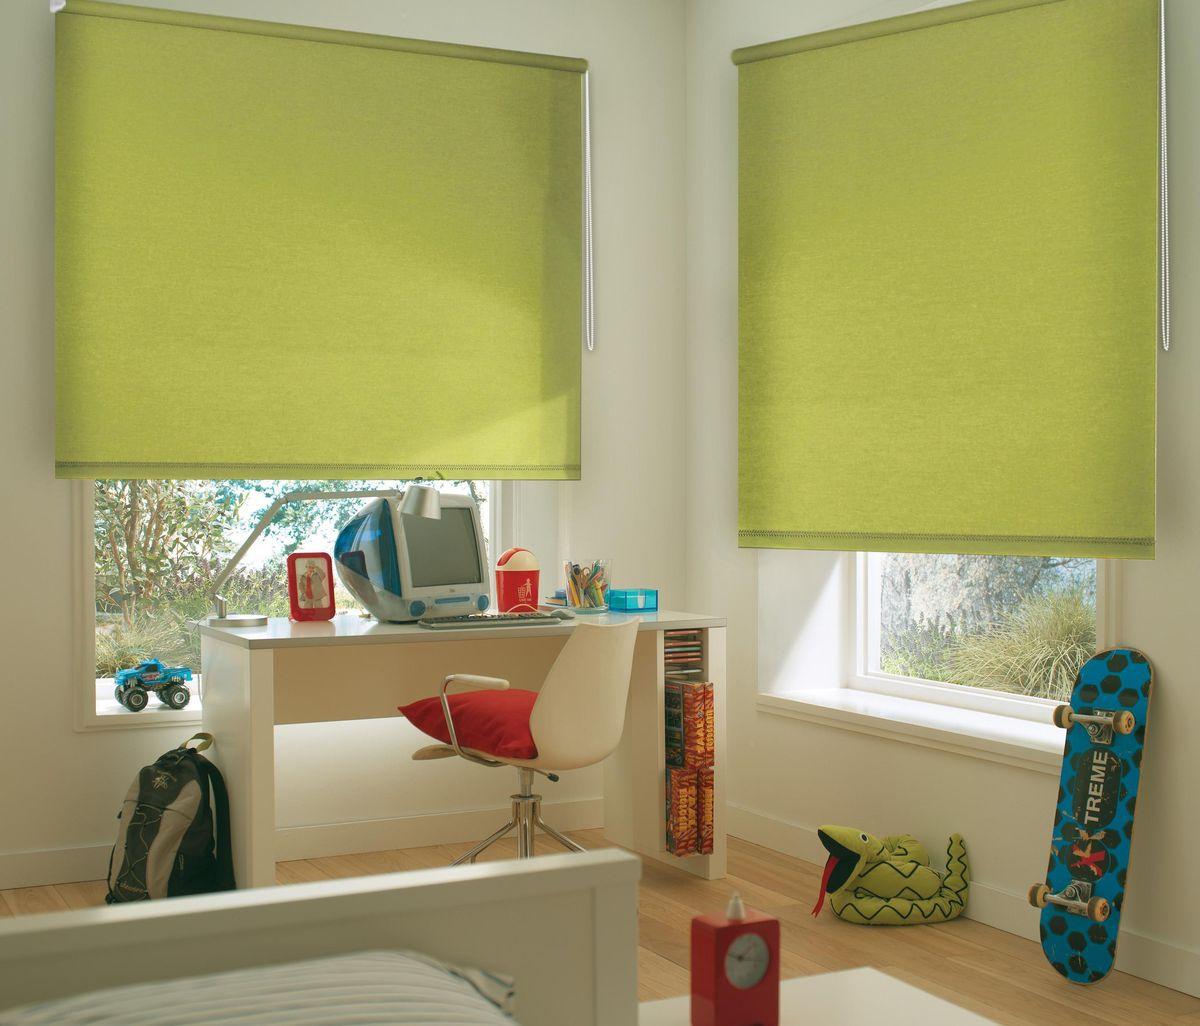 Штора рулонная Эскар, цвет: салатовый, ширина 140 см, высота 170 см81014140170Рулонными шторами можно оформлять окна как самостоятельно, так и использовать в комбинации с портьерами. Это поможет предотвратить выгорание дорогой ткани на солнце и соединит функционал рулонных с красотой навесных.Преимущества применения рулонных штор для пластиковых окон:- имеют прекрасный внешний вид: многообразие и фактурность материала изделия отлично смотрятся в любом интерьере; - многофункциональны: есть возможность подобрать шторы способные эффективно защитить комнату от солнца, при этом о на не будет слишком темной. - Есть возможность осуществить быстрый монтаж. ВНИМАНИЕ! Размеры ширины изделия указаны по ширине ткани!Во время эксплуатации не рекомендуется полностью разматывать рулон, чтобы не оторвать ткань от намоточного вала.В случае загрязнения поверхности ткани, чистку шторы проводят одним из способов, в зависимости от типа загрязнения: легкое поверхностное загрязнение можно удалить при помощи канцелярского ластика; чистка от пыли производится сухим методом при помощи пылесоса с мягкой щеткой-насадкой; для удаления пятна используйте мягкую губку с пенообразующим неагрессивным моющим средством или пятновыводитель на натуральной основе (нельзя применять растворители).